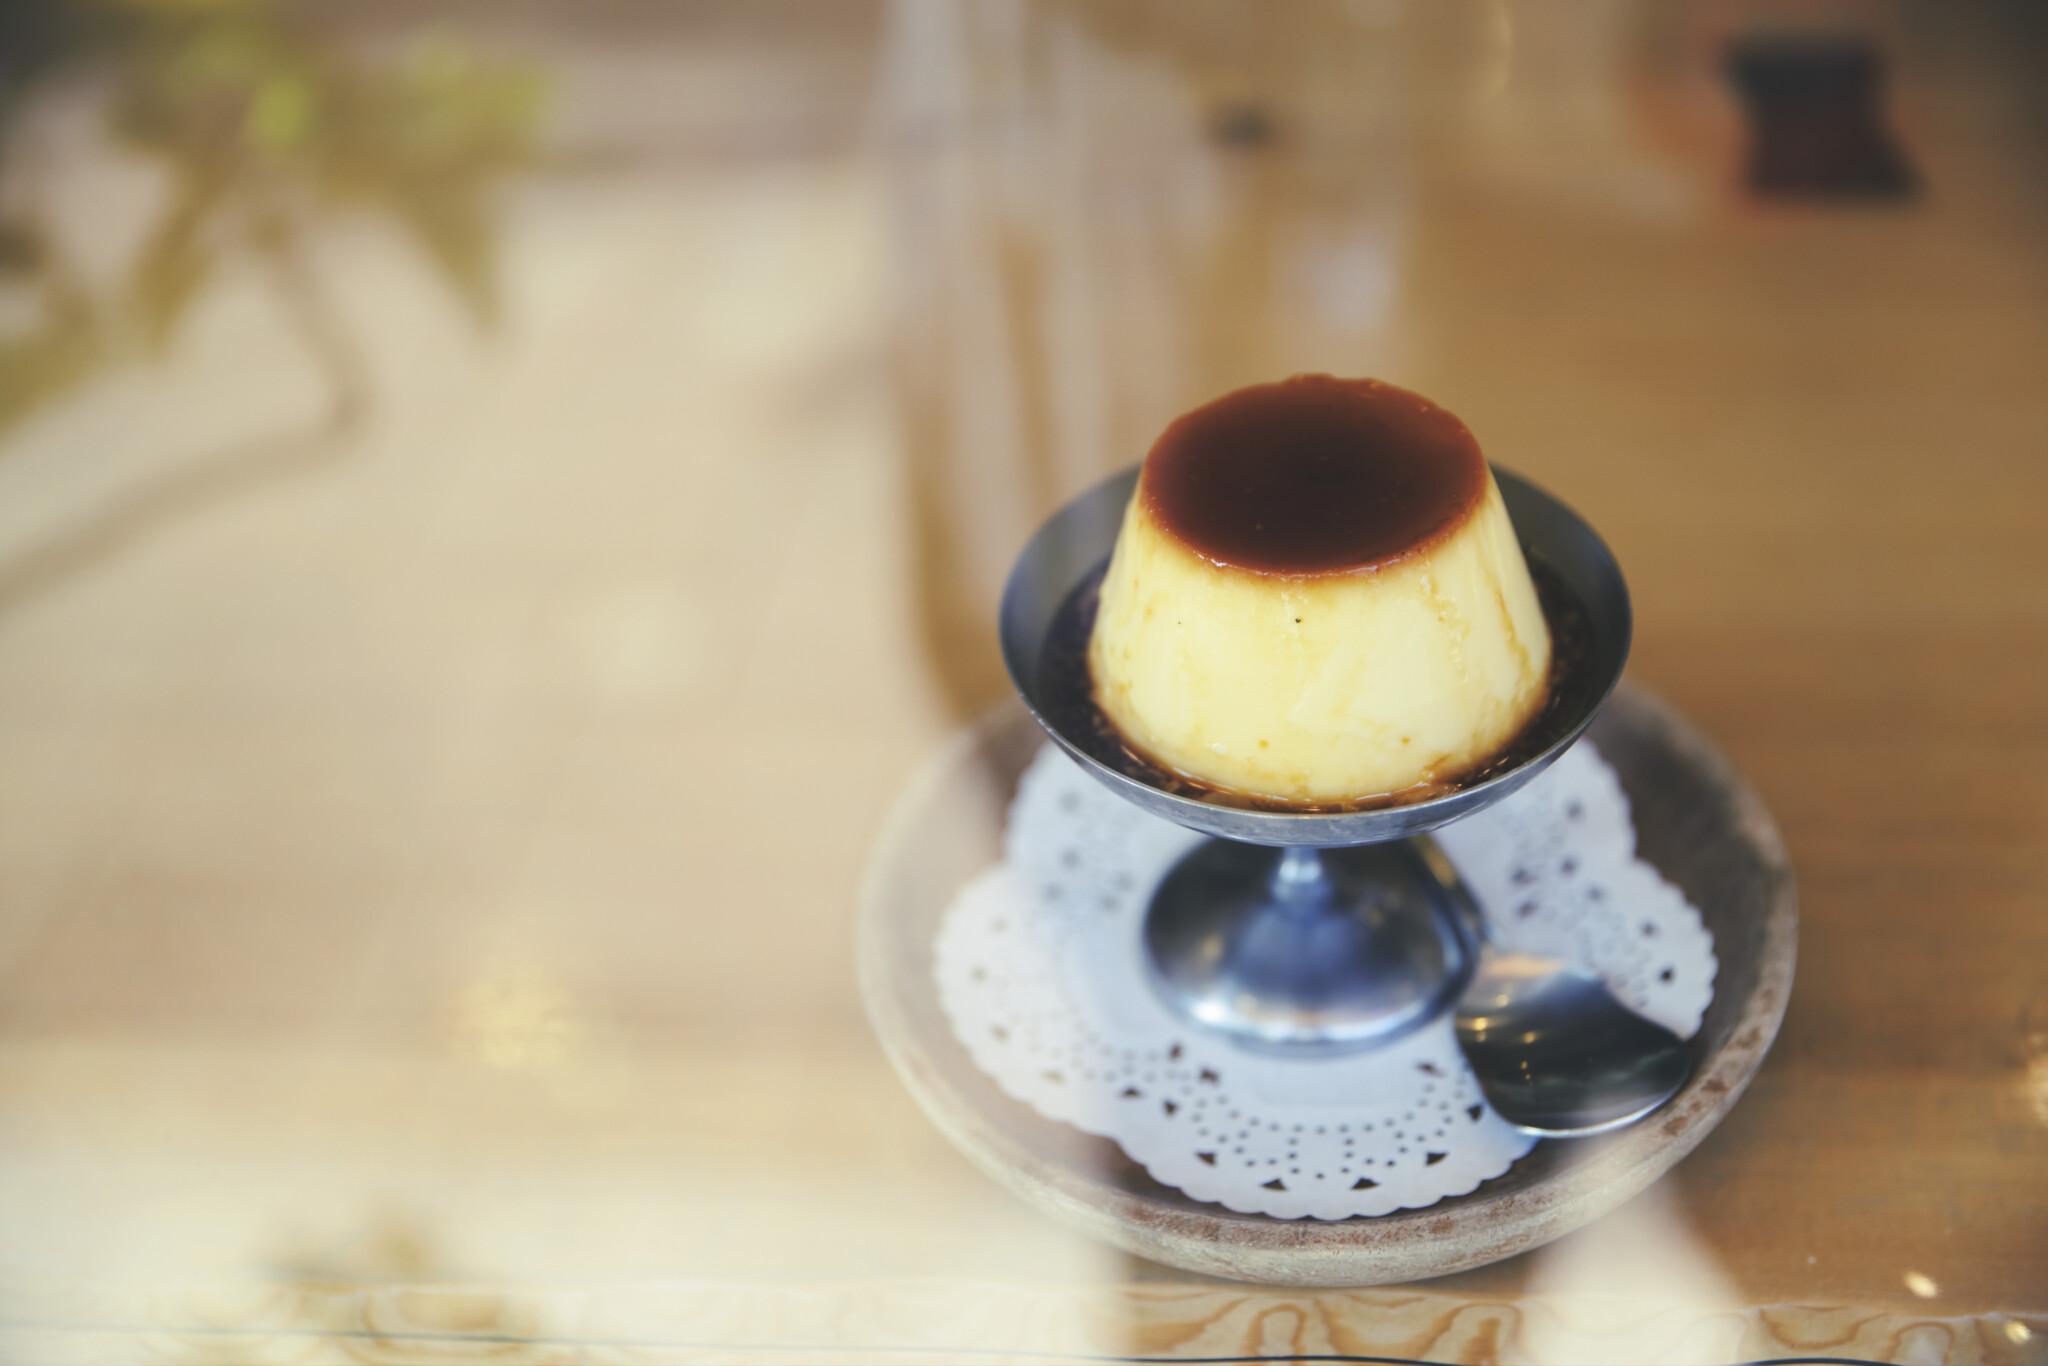 【京都】喫茶店の昔ながらの定番プリン8選。お酒にも合う大人なプリンも。